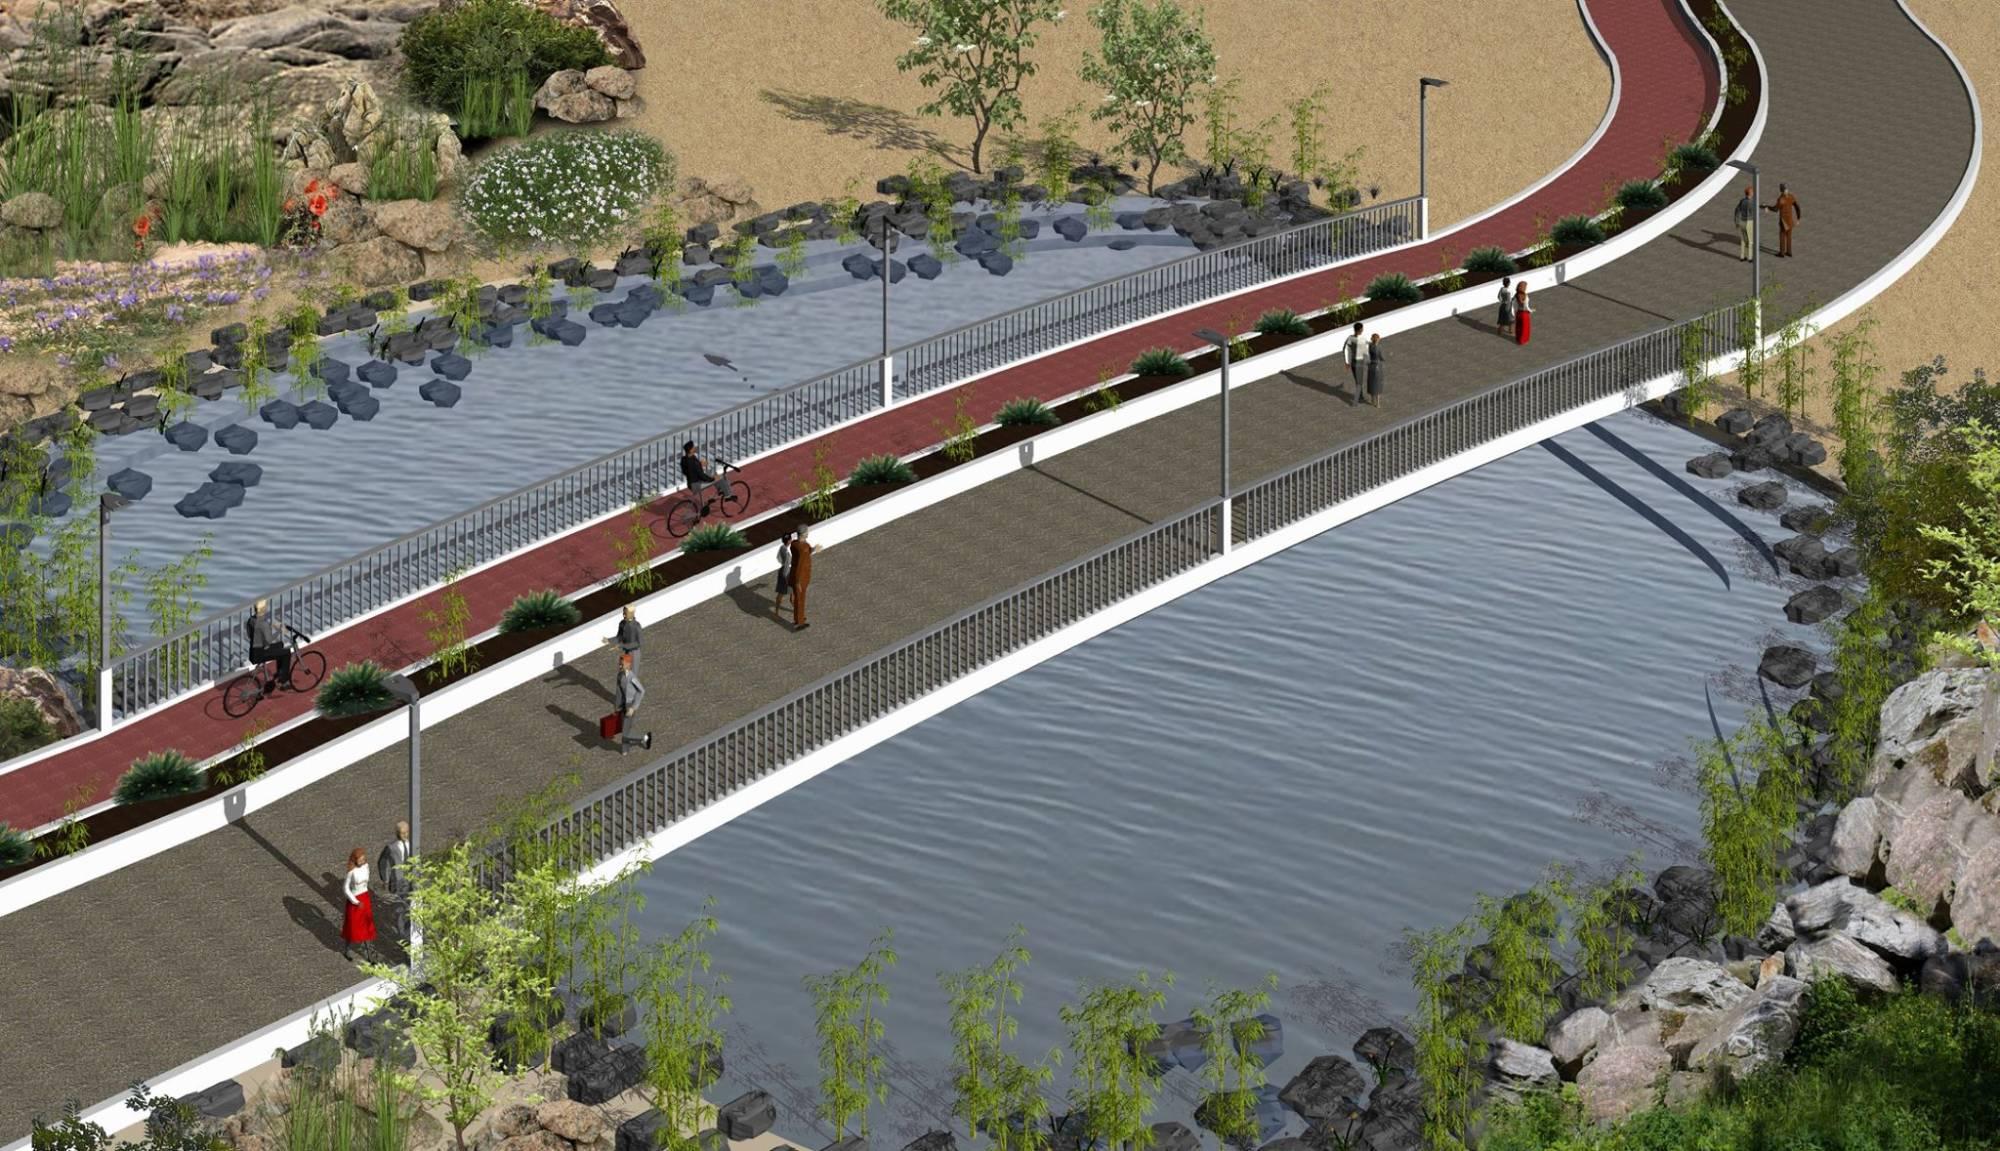 Παραλιακό πεζόδρομο – ποδηλατόδρομο θα αποκτήσει η τουριστική περιοχή Σωτήρας